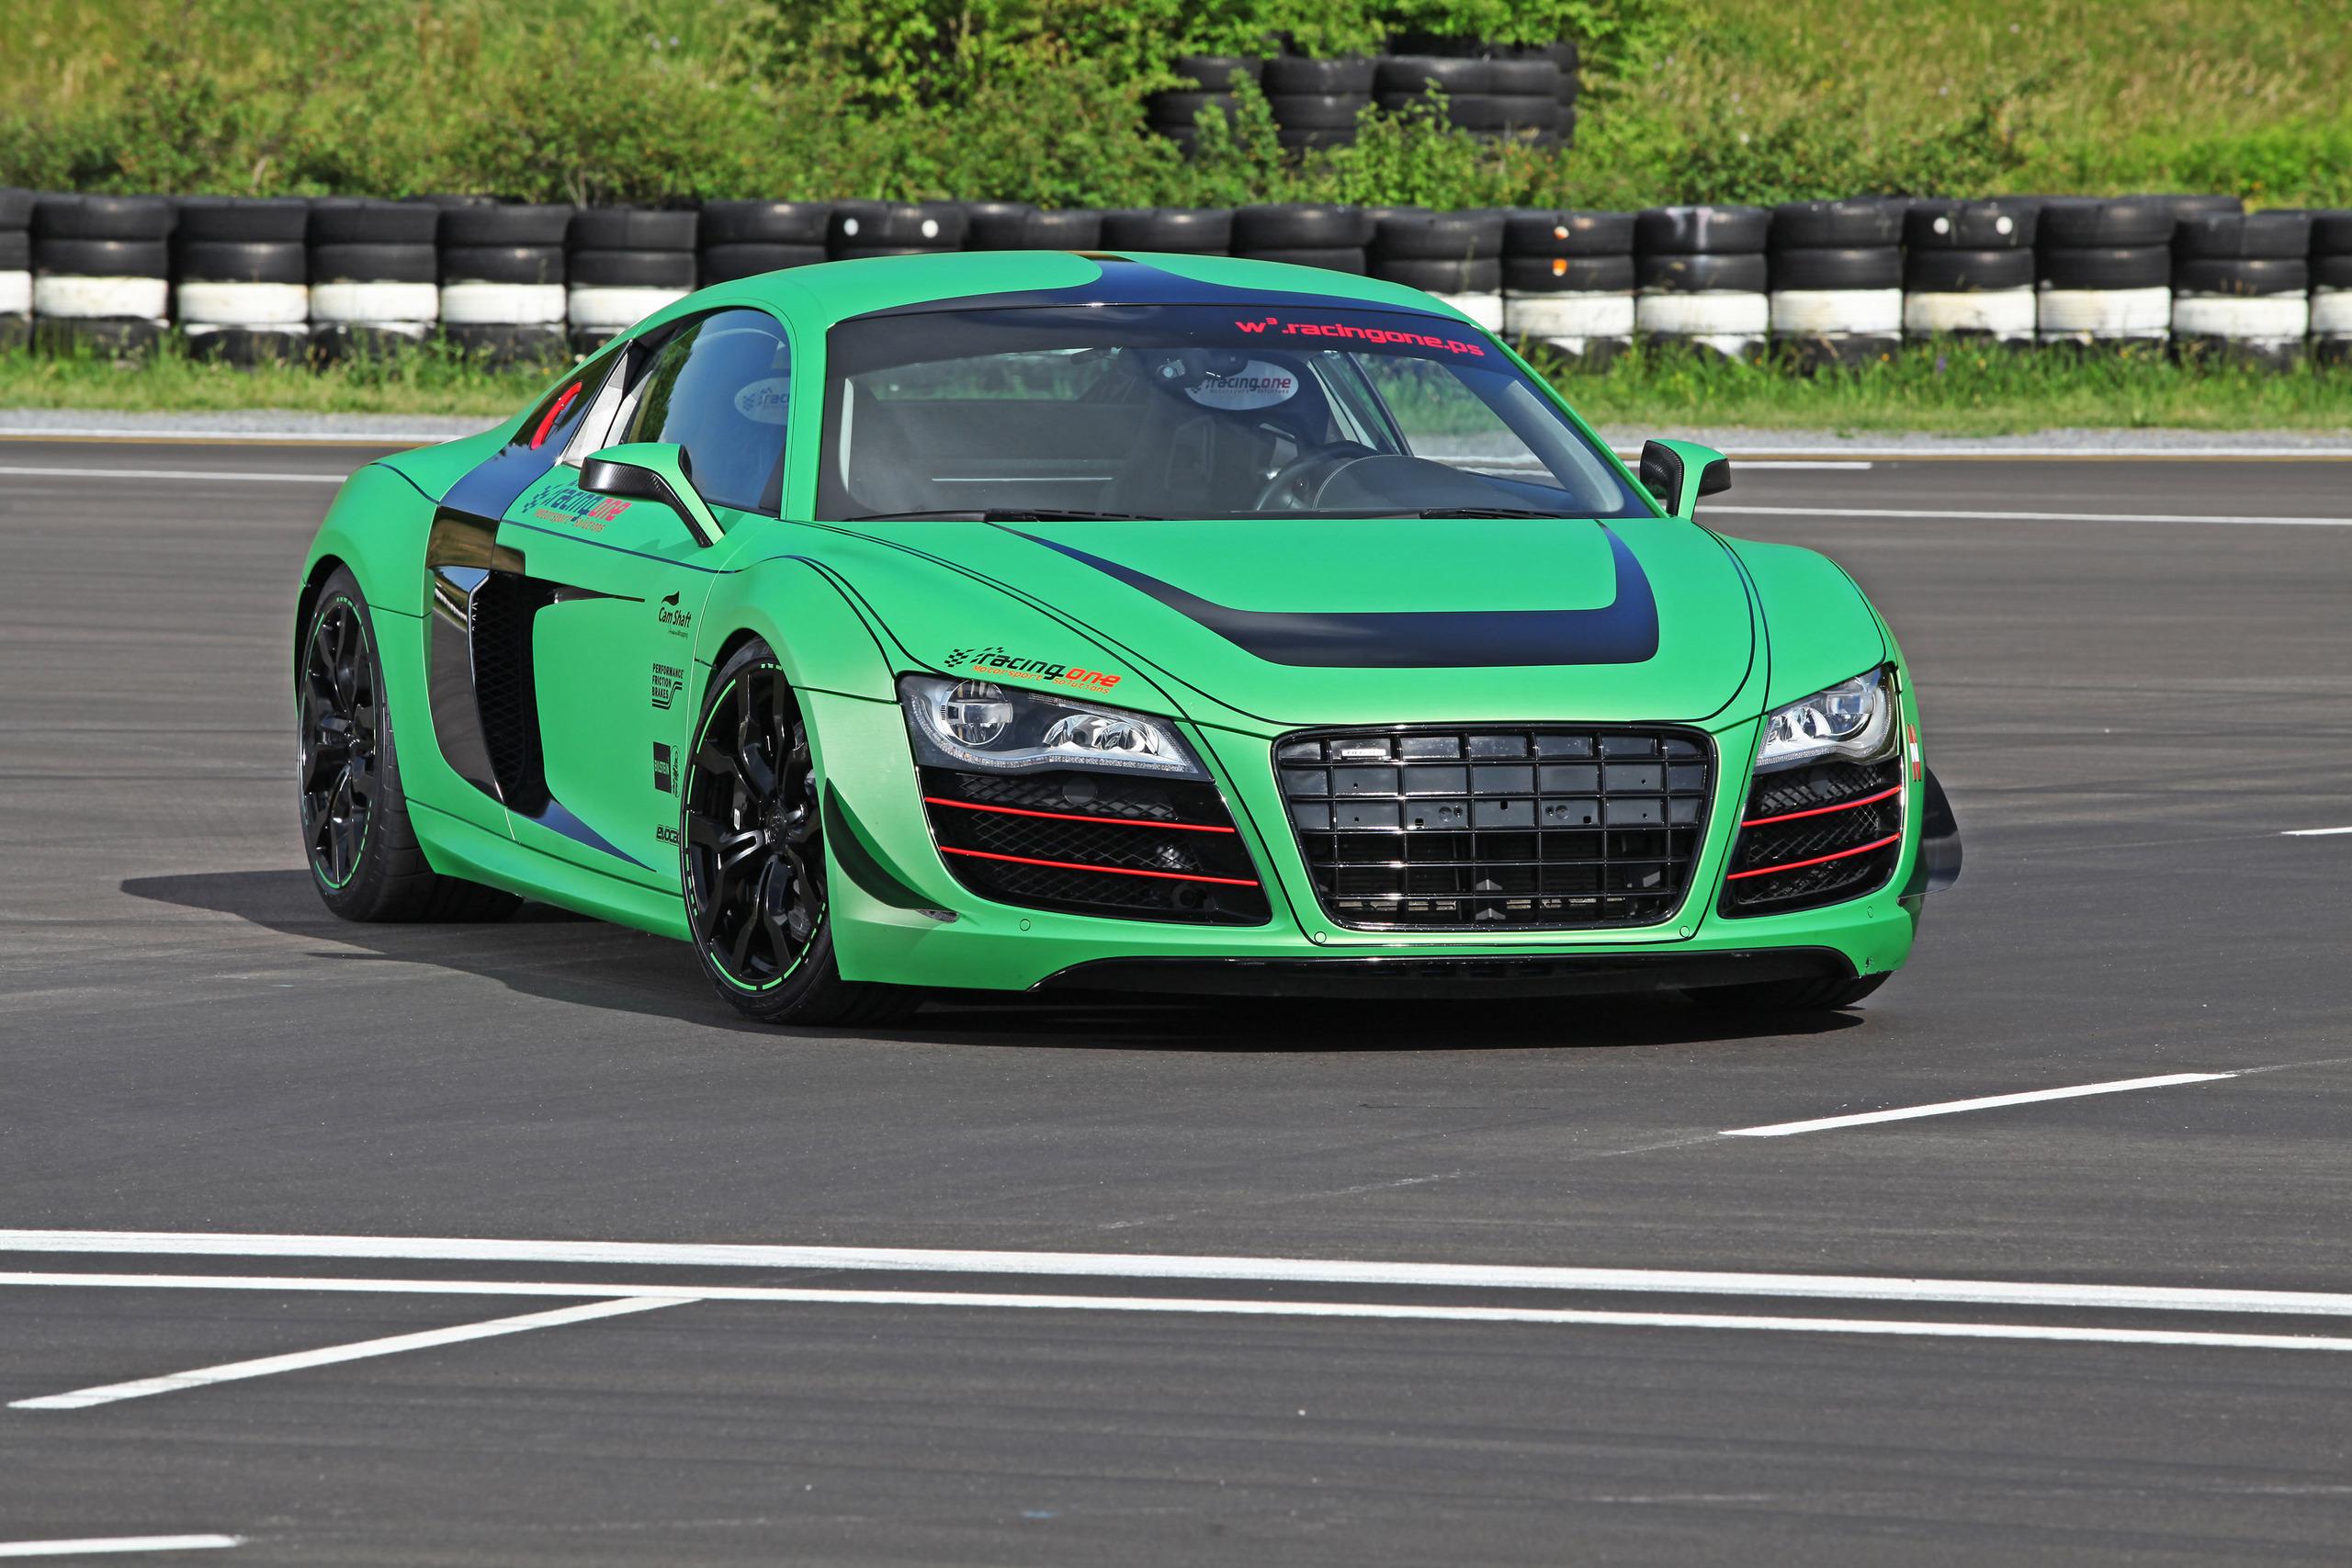 Audi r8 lms gt4 060 5